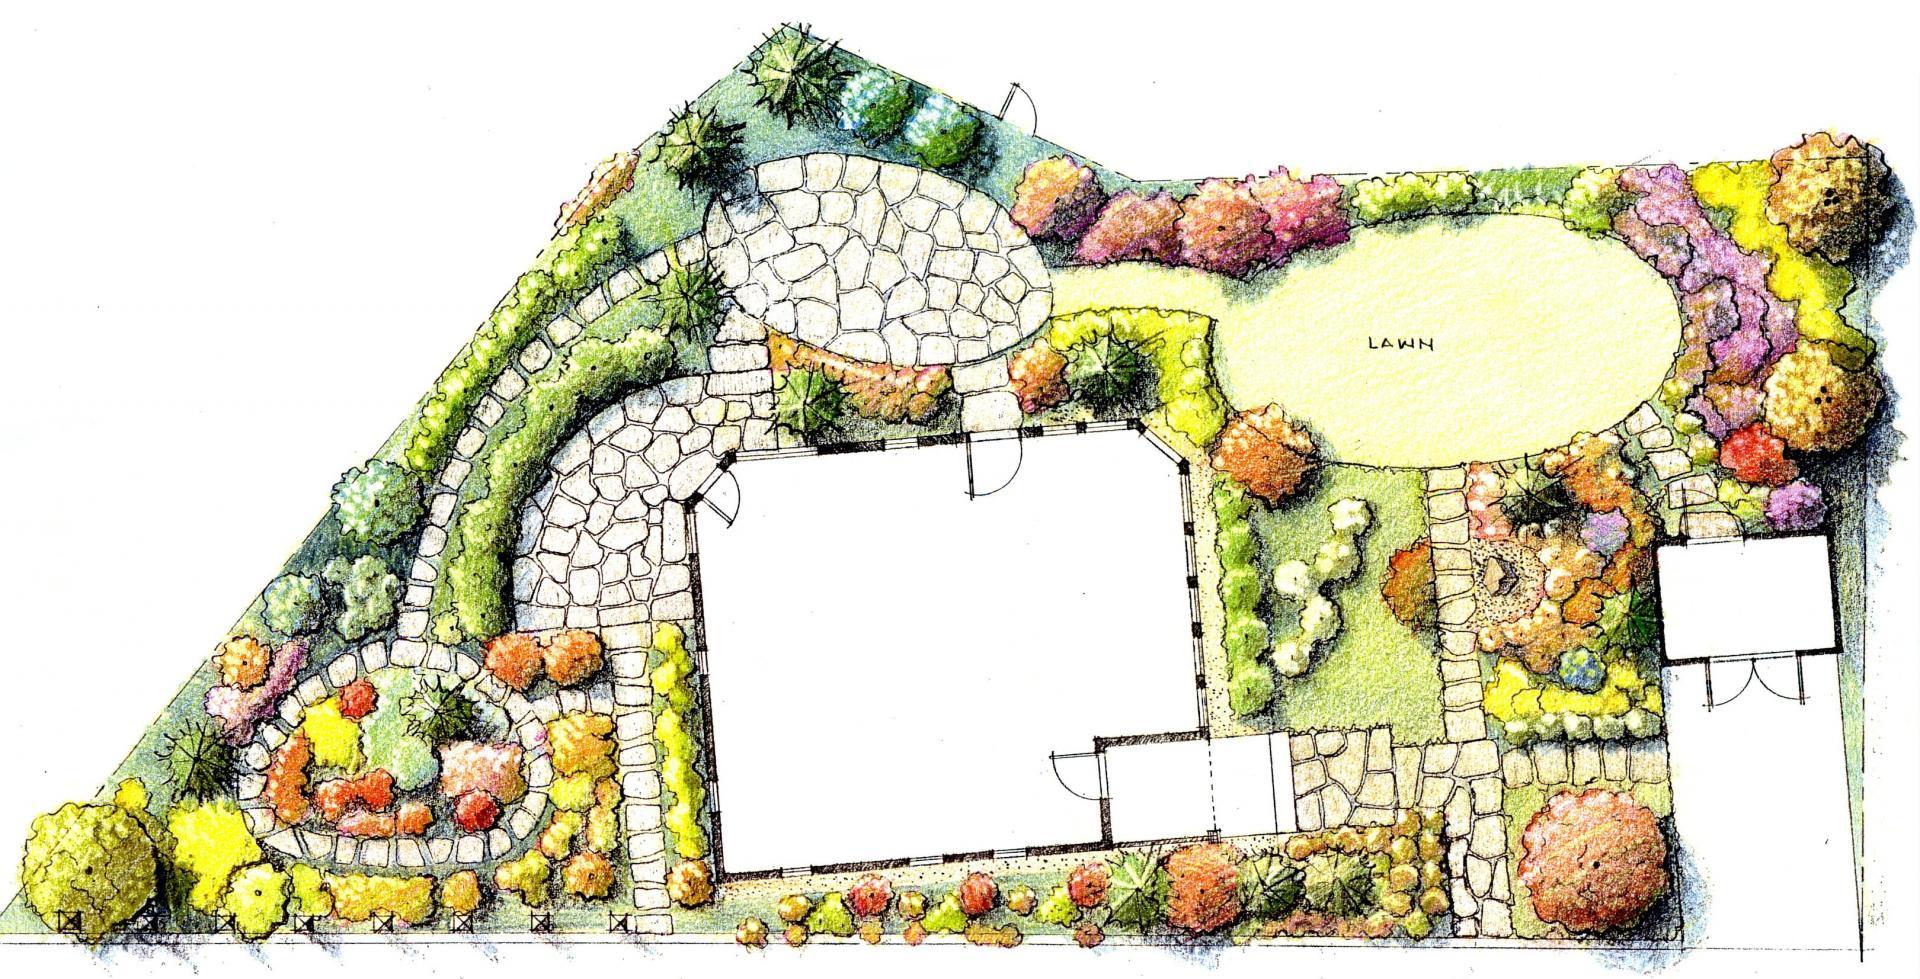 garden-design-with-fremont-peak-park-lan